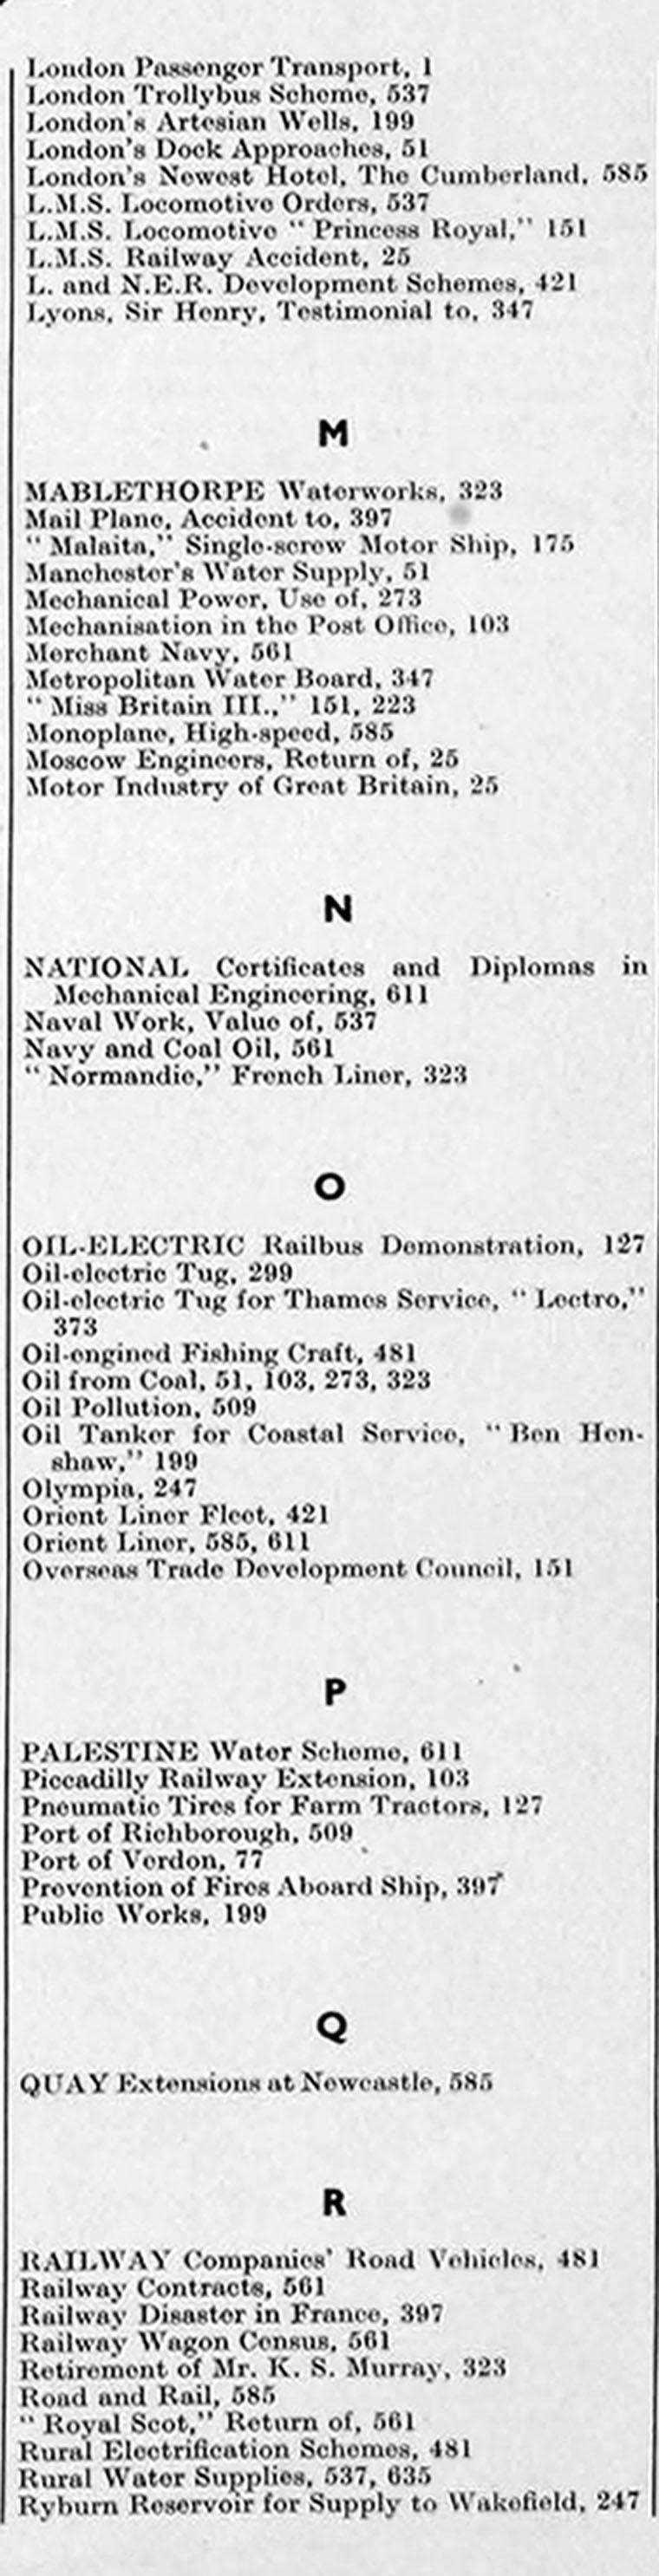 The Engineer 1933 Jul-Dec: Index